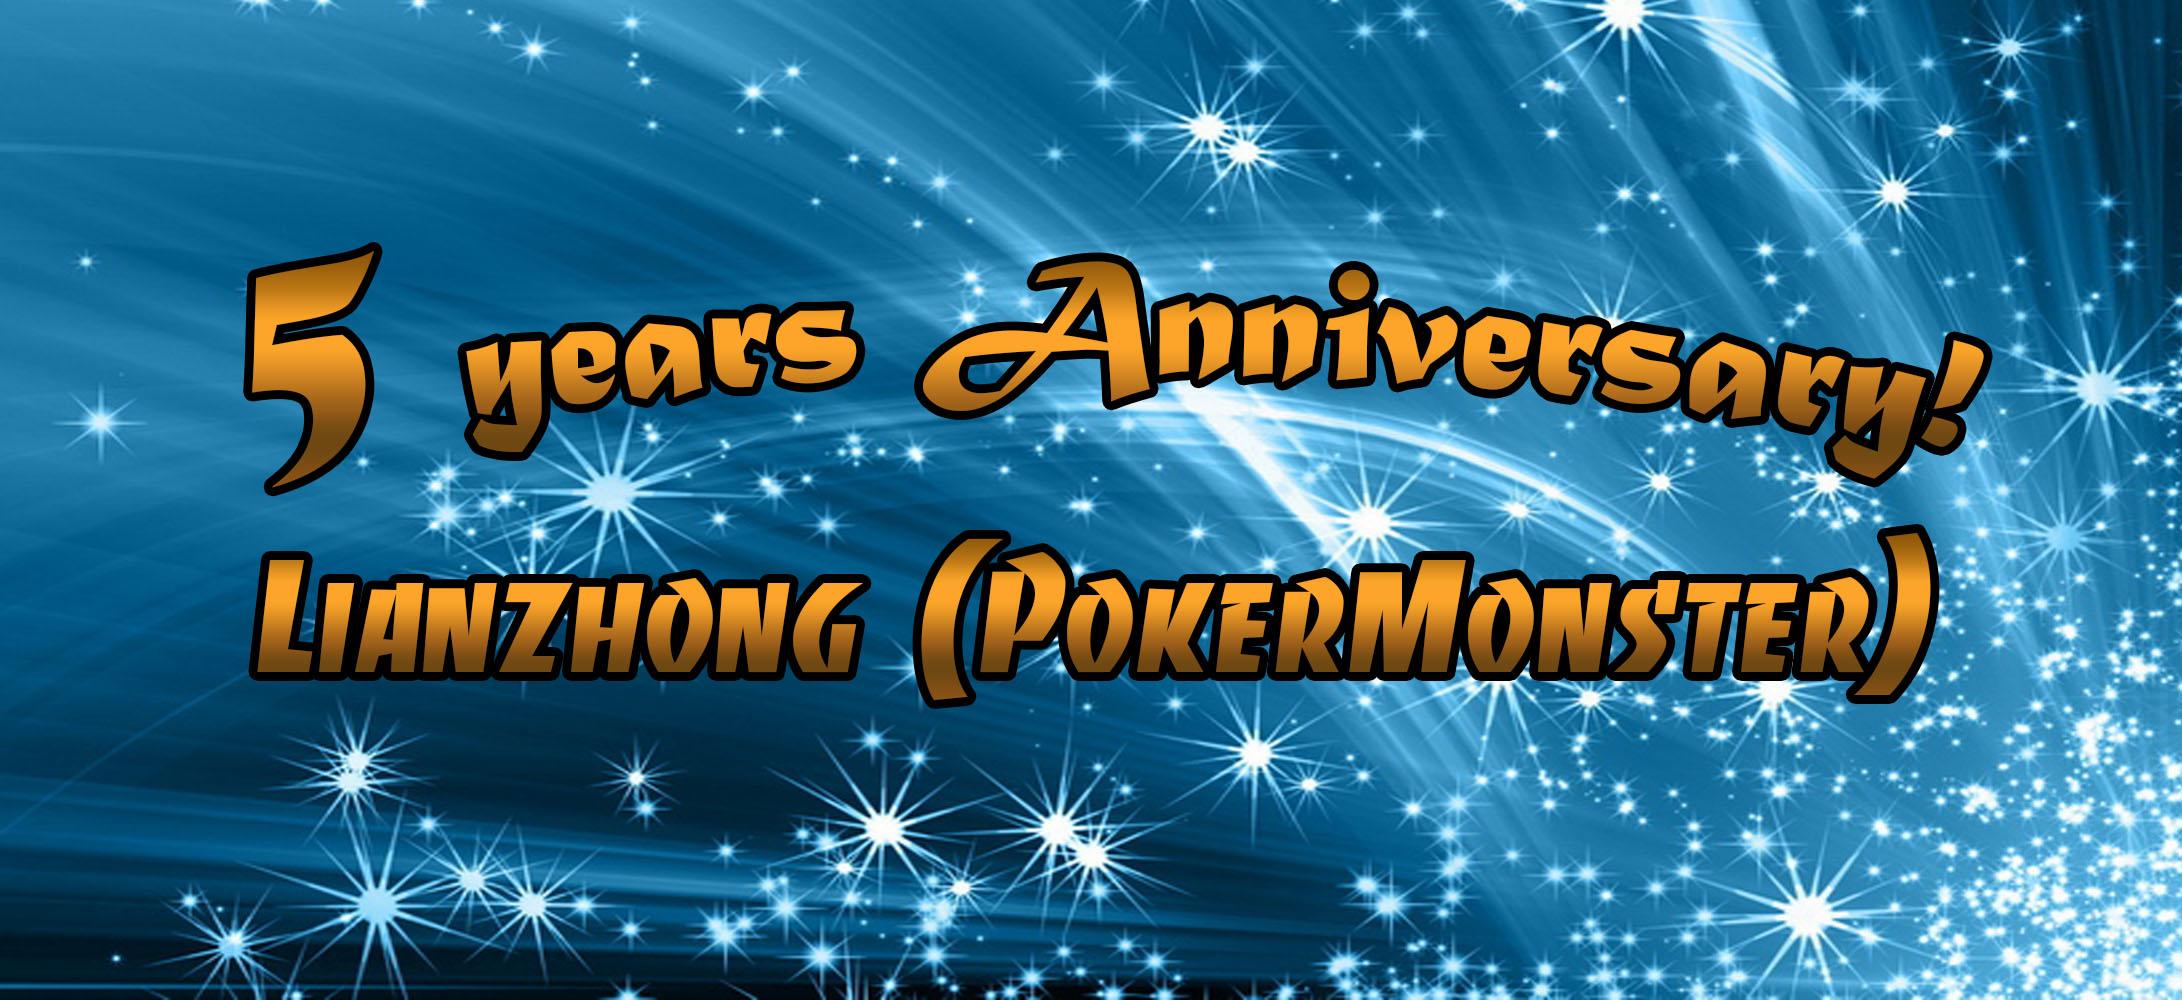 Lianzhong poker